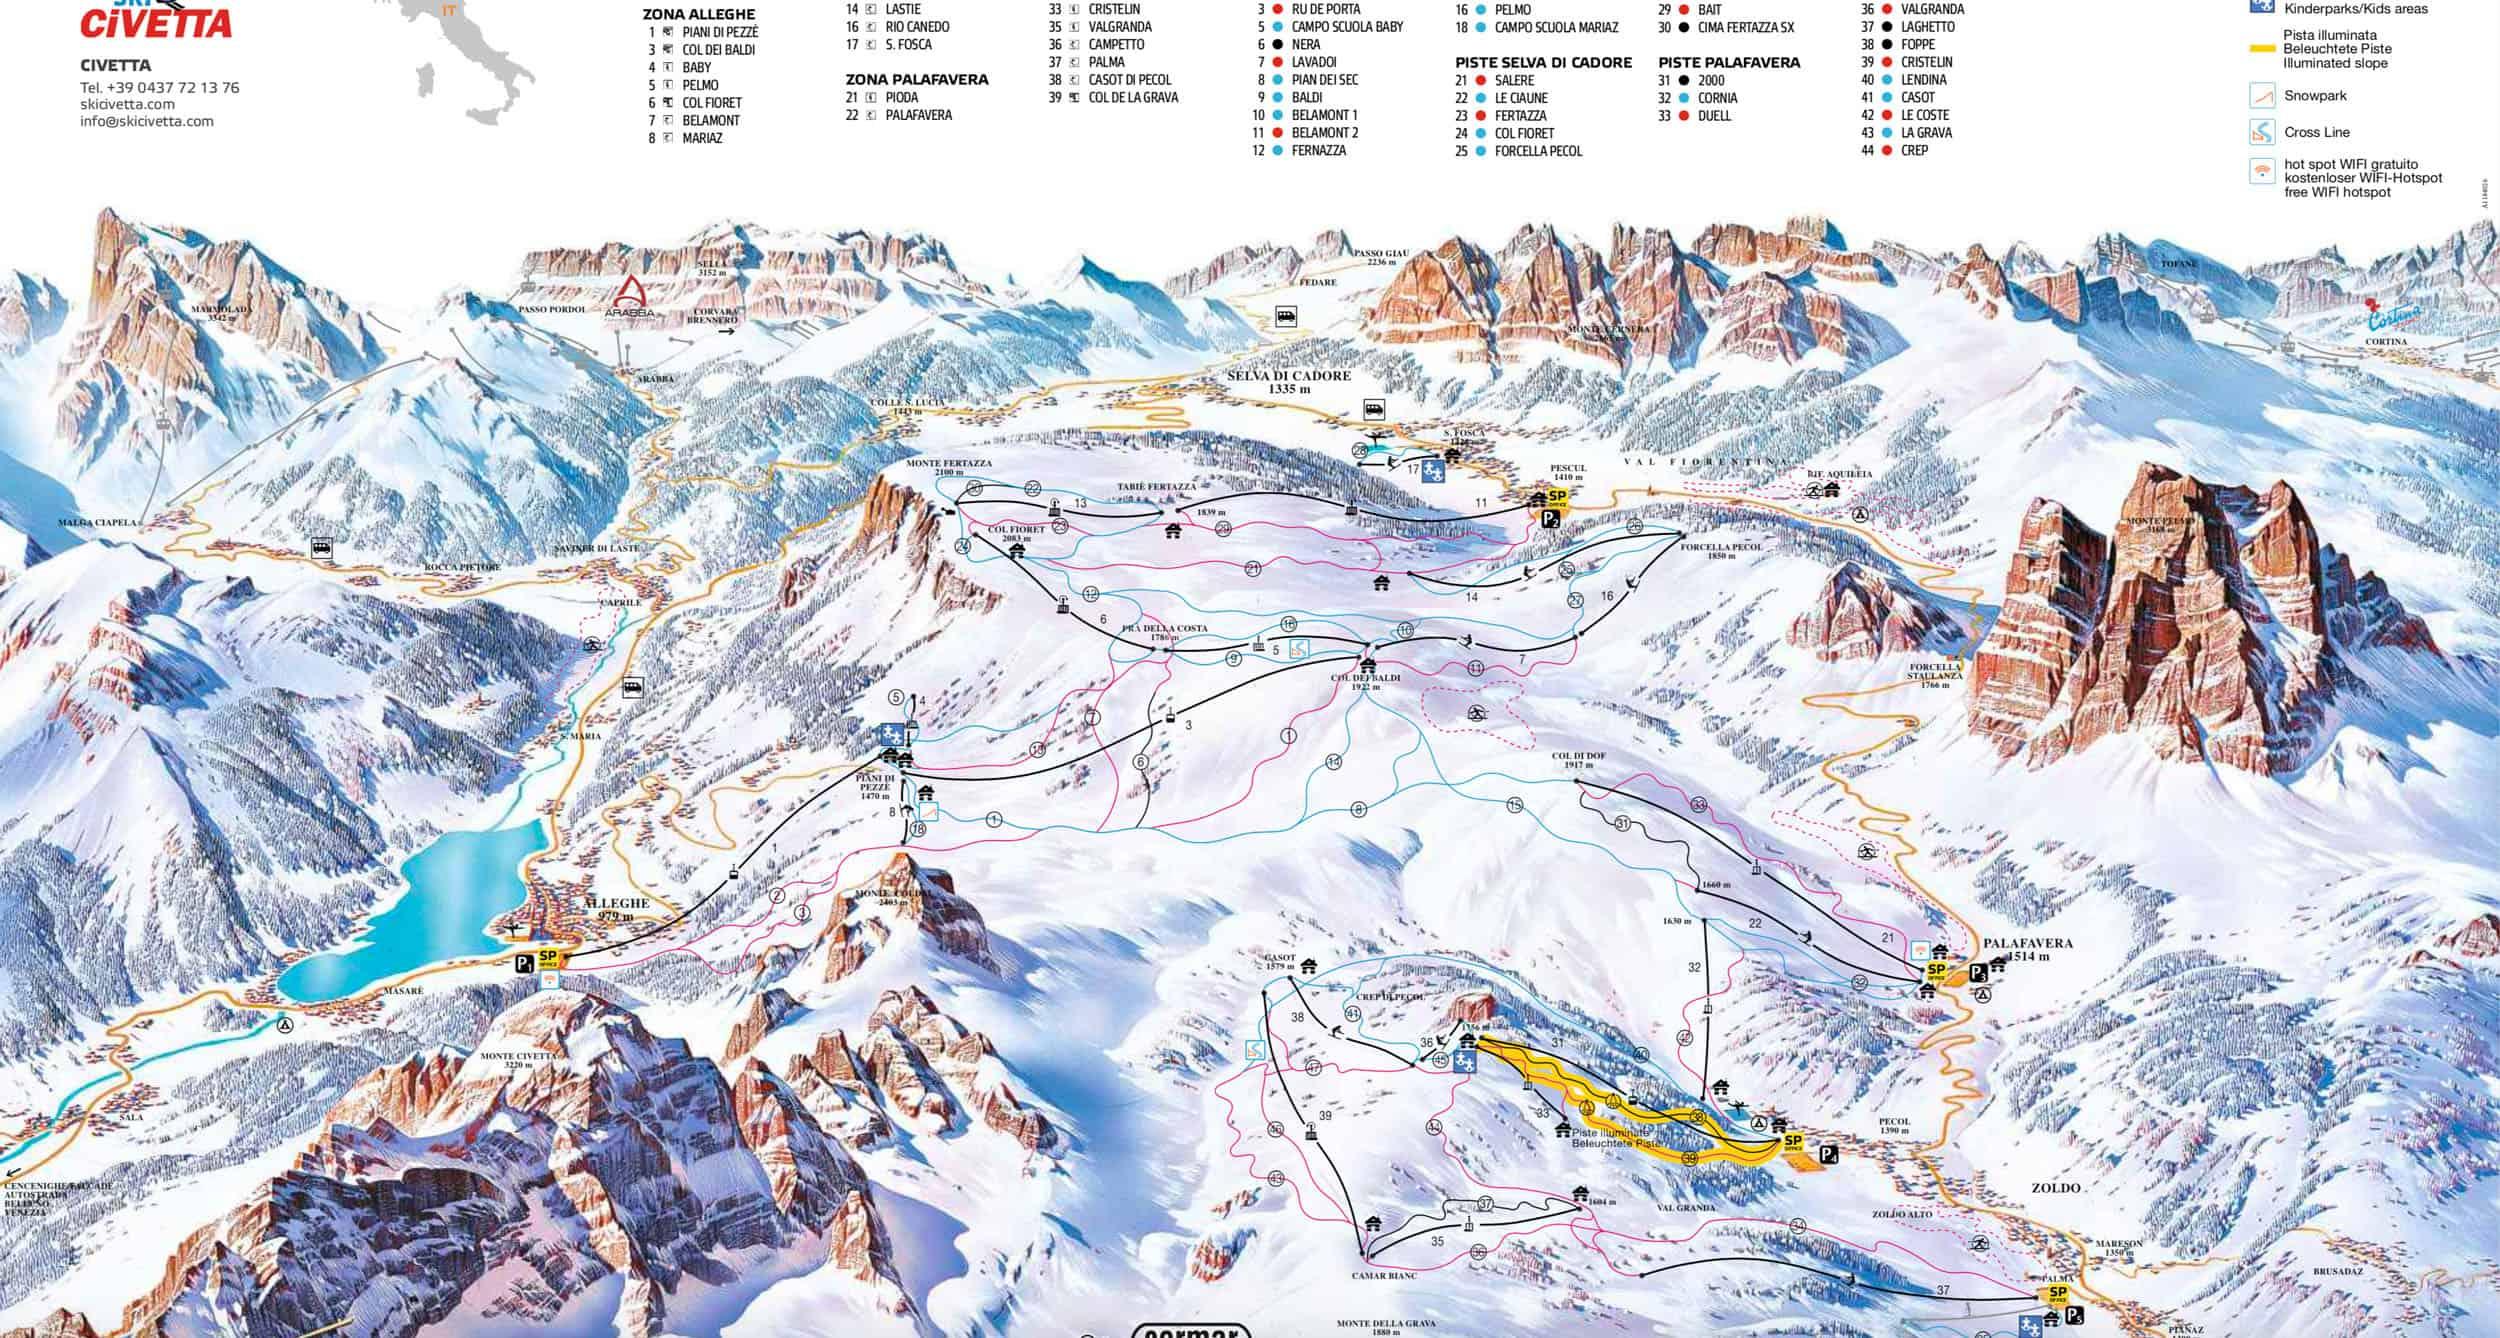 Civeatta ski map